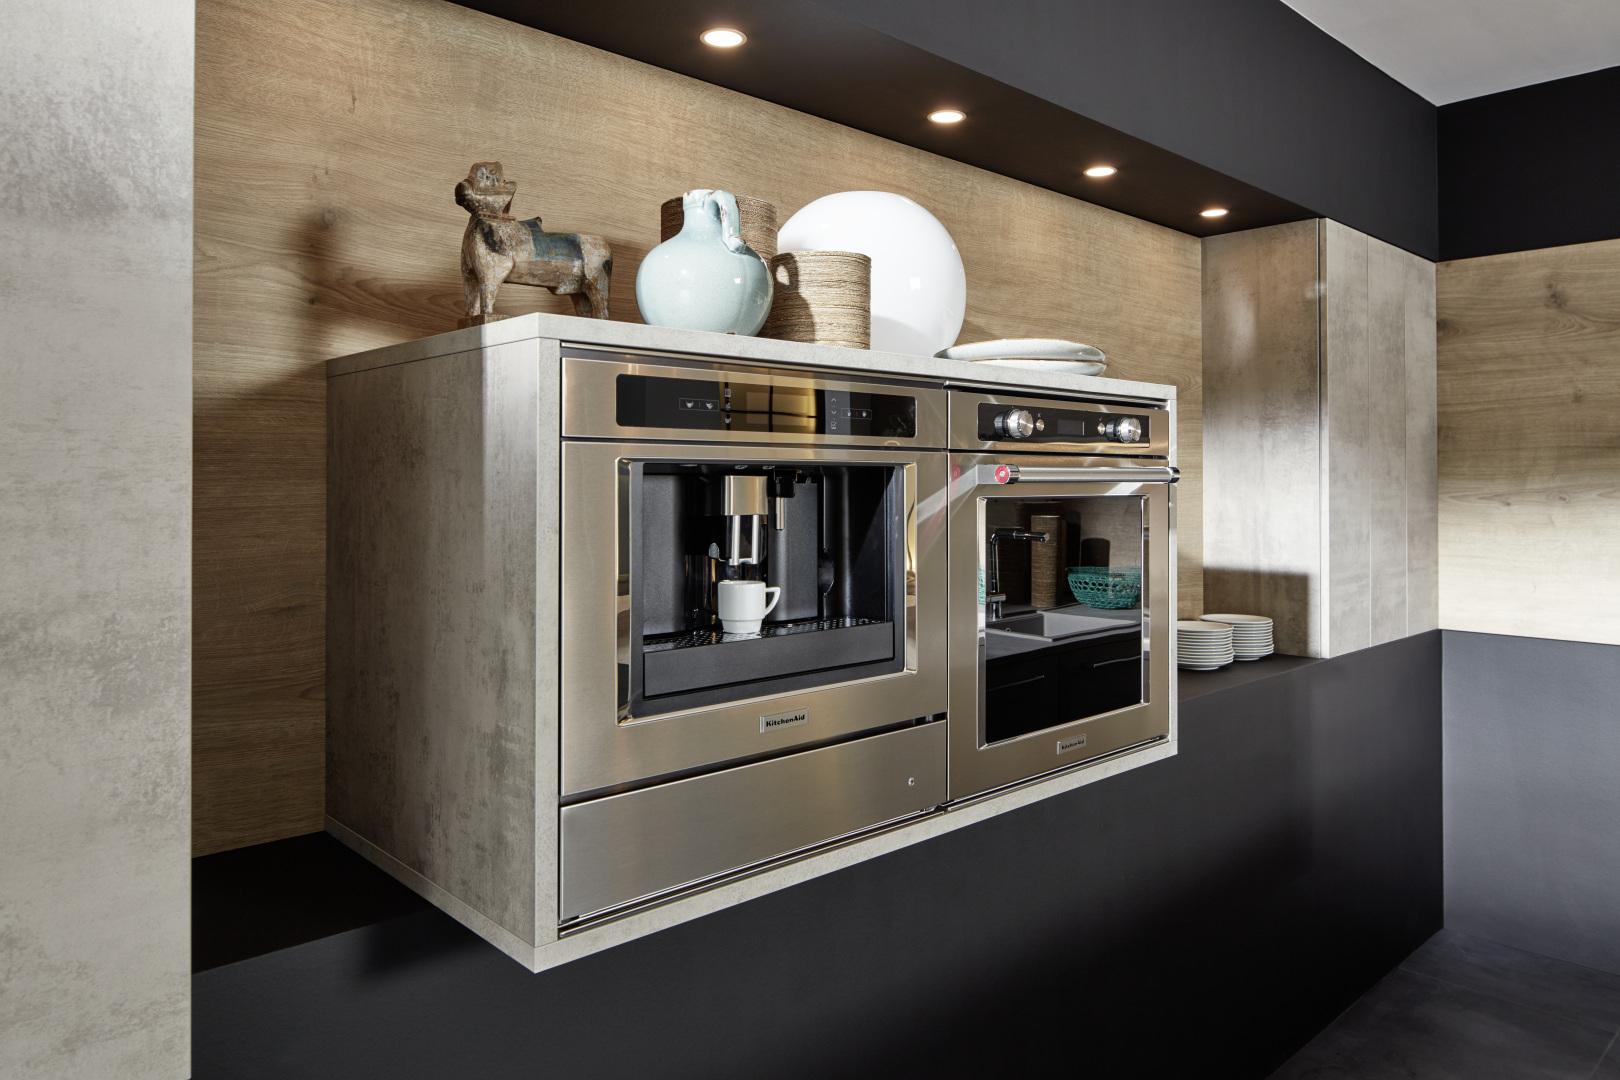 électroménager cuisine épuré nique sur mesure annecy design industriel moderne